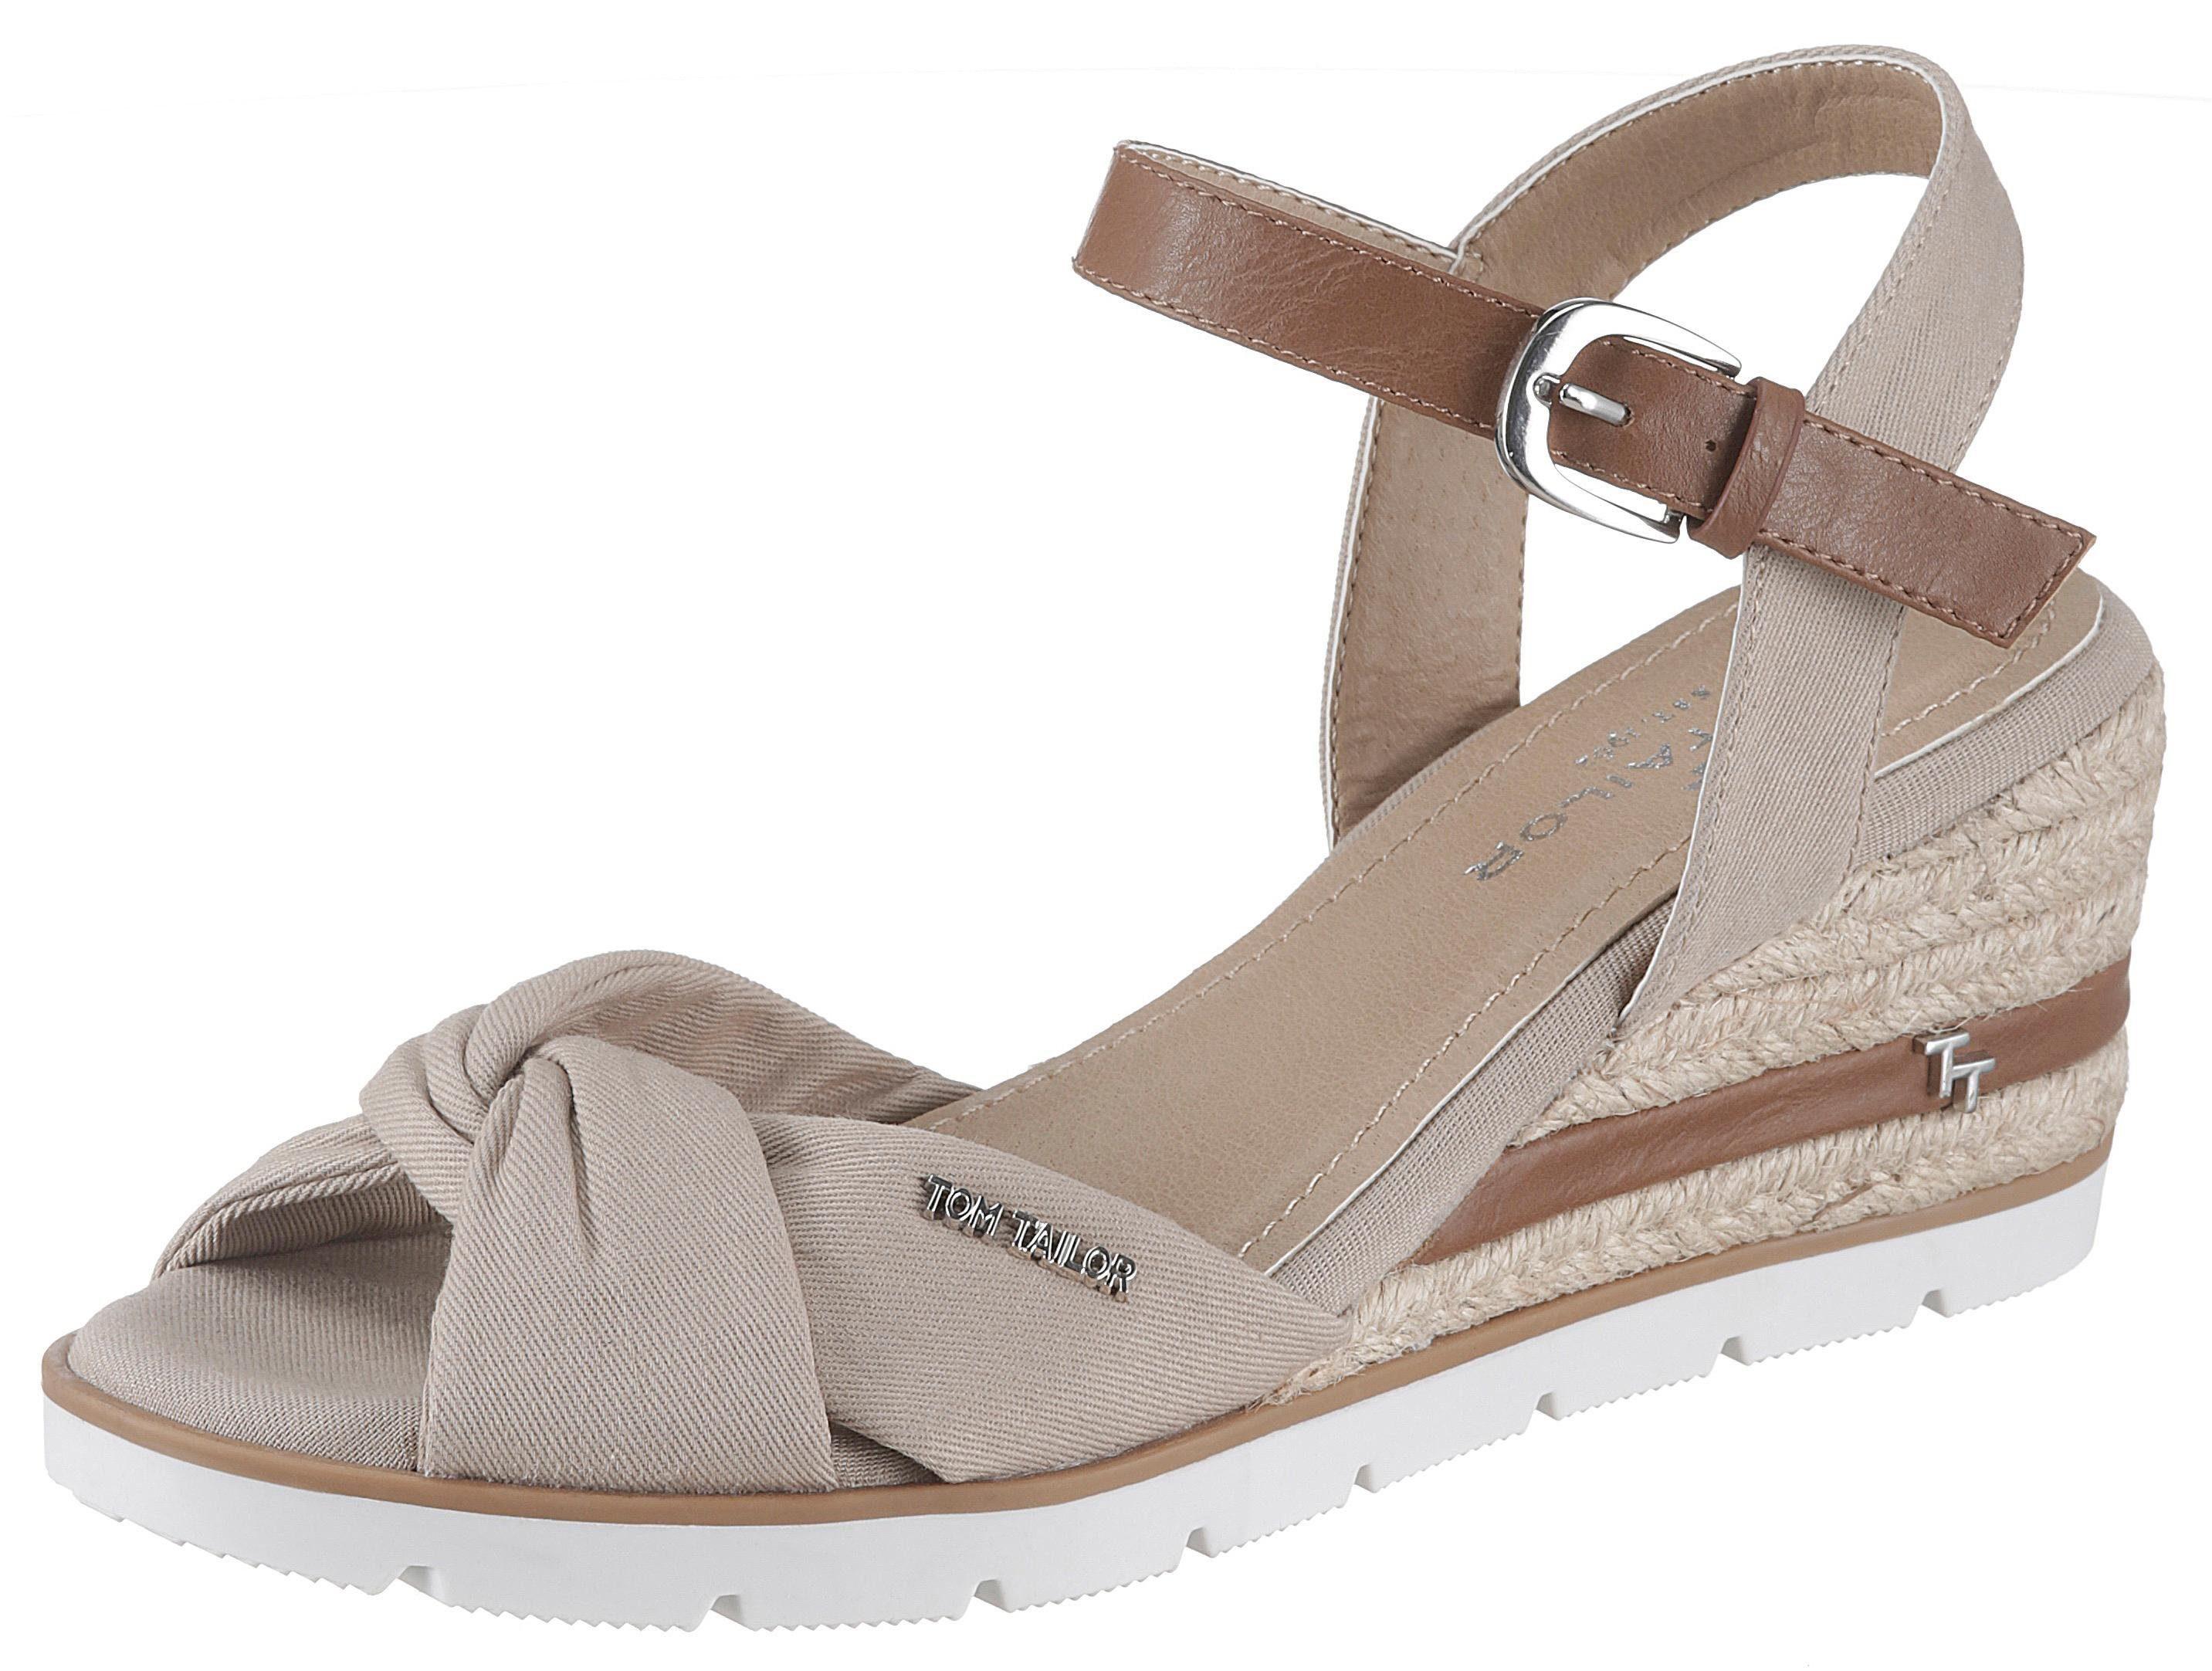 TOM TAILOR Sandalette, mit Label beige Damen Sandaletten Sandalen Sandalette